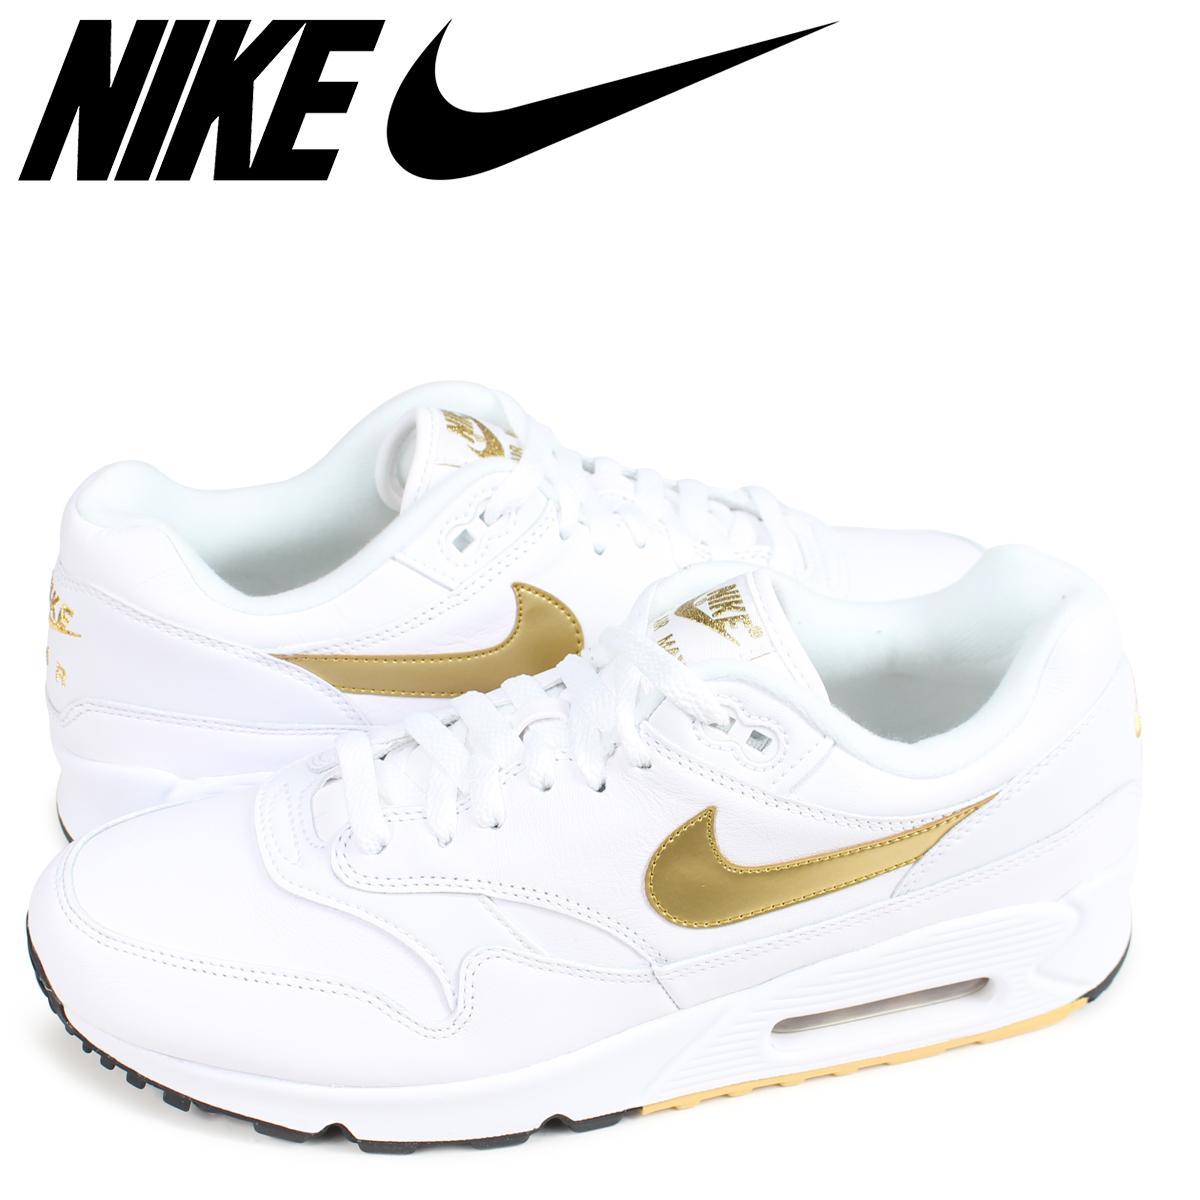 Nike Air Max 901 | AJ7695 500 | Purple | Sneakers | Skor